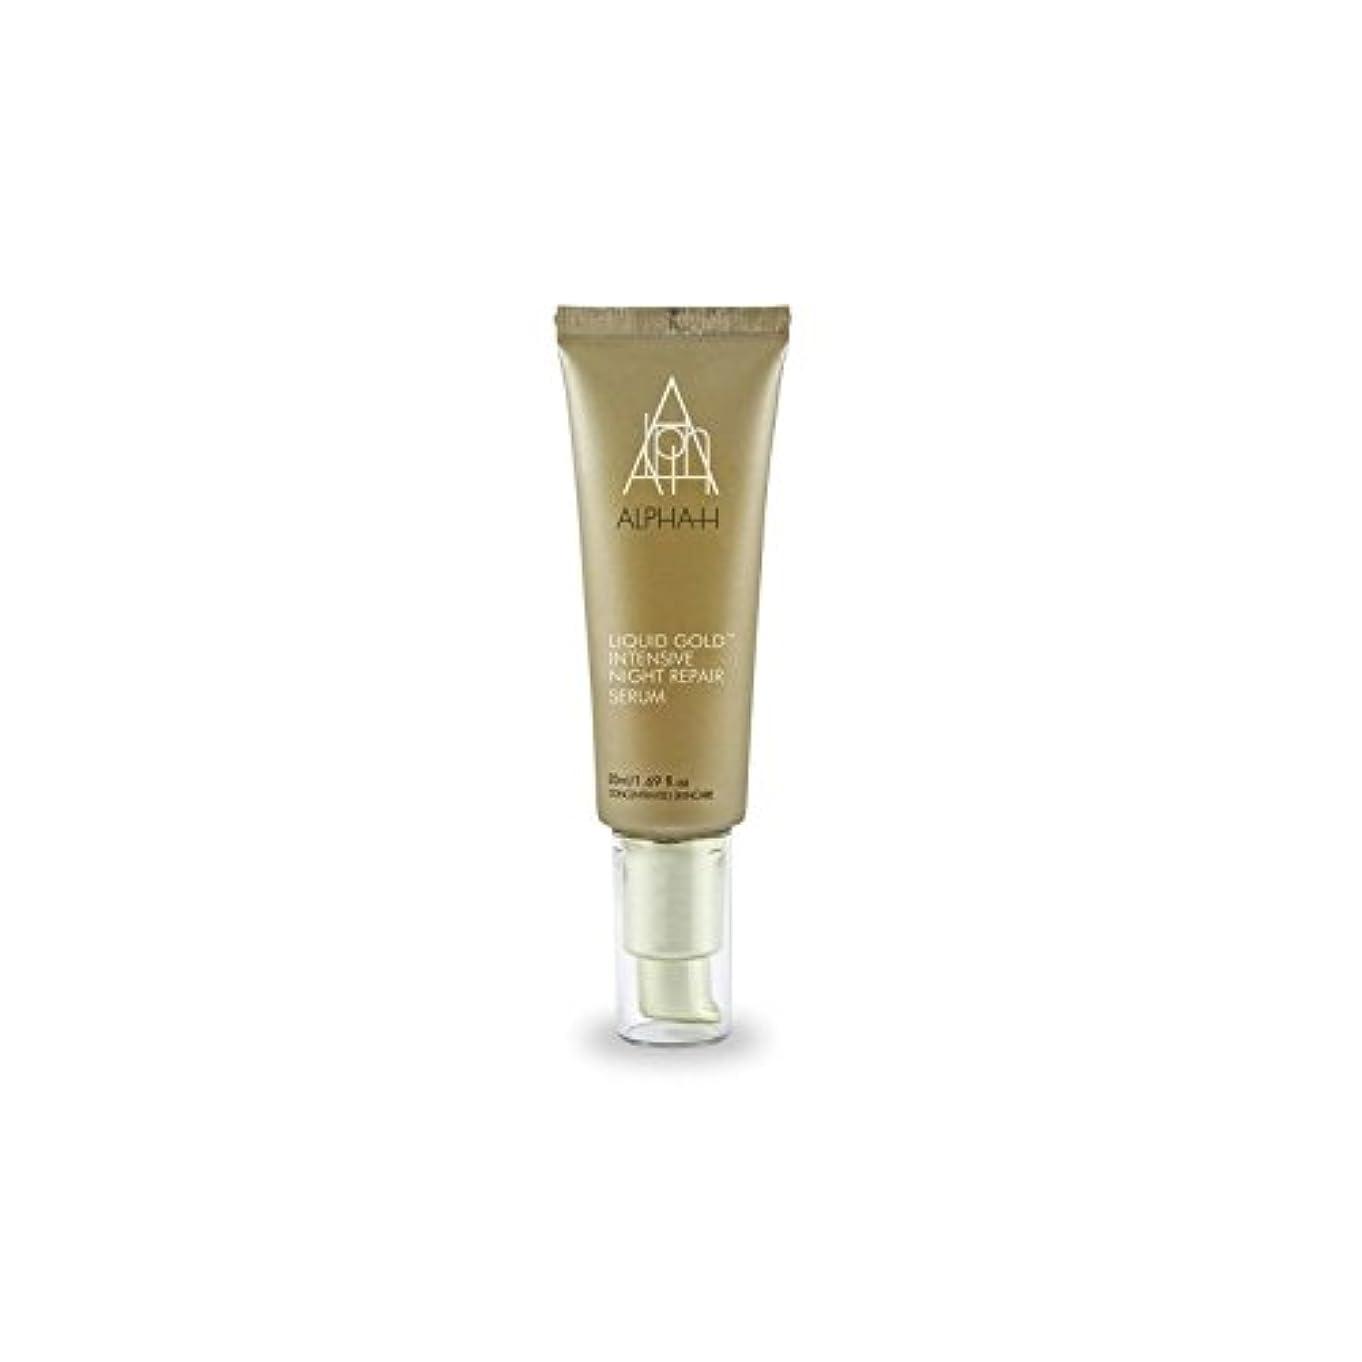 対人地域オートアルファ時間の液体の金の集中夜の修理血清(50ミリリットル) x2 - Alpha-H Liquid Gold Intensive Night Repair Serum (50ml) (Pack of 2) [並行輸入品]